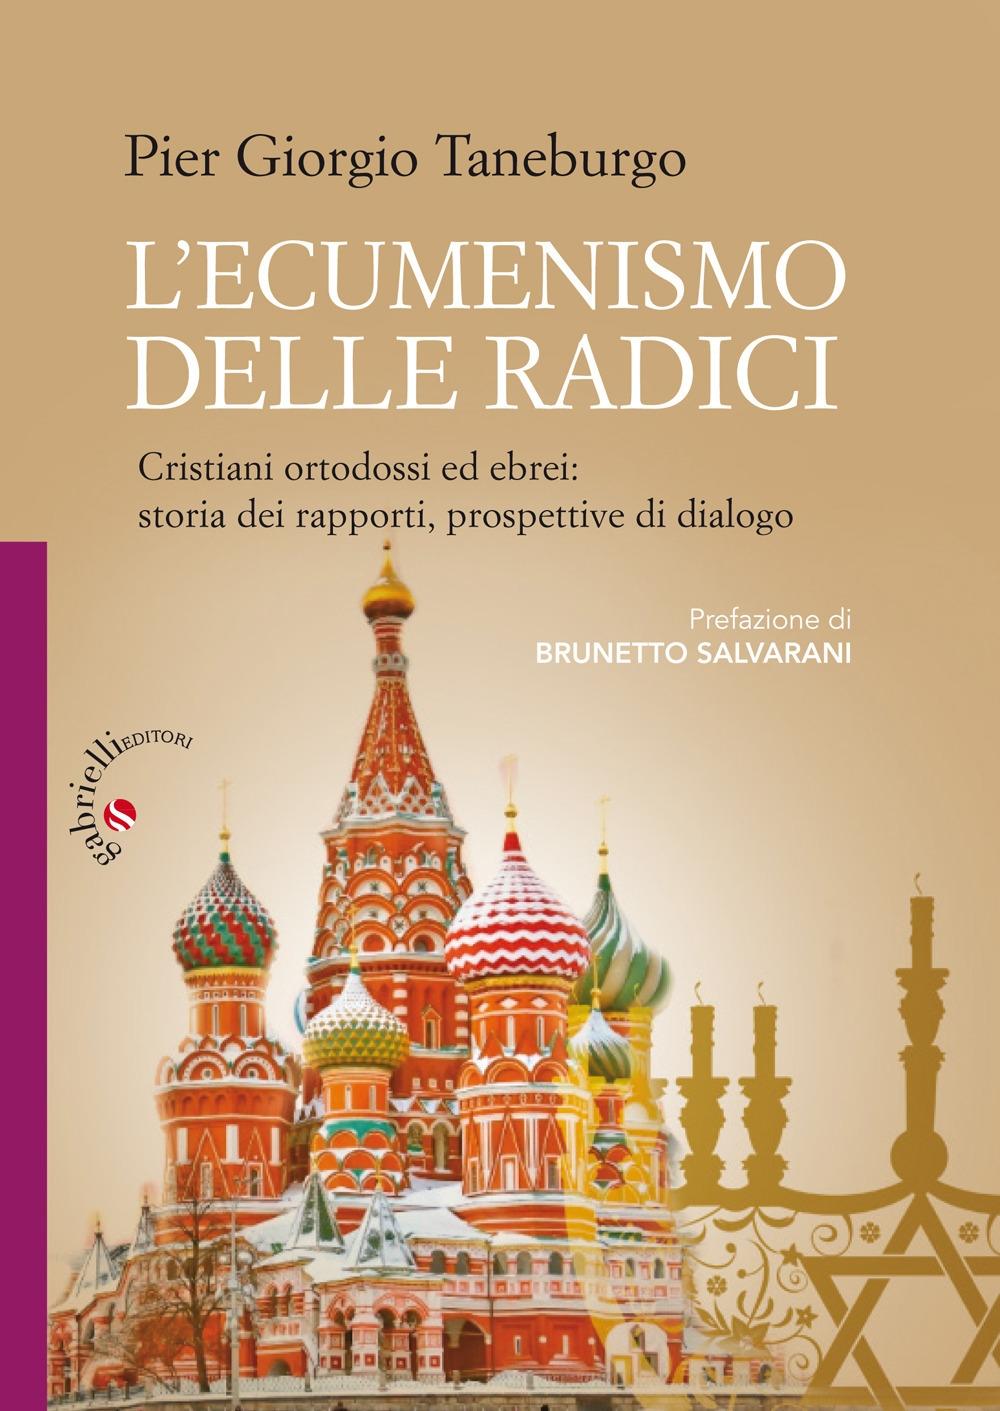 L'ecumenismo delle radici. Cristiani ortodossi ed ebrei: storia dei rapporti, prospettive di dialogo